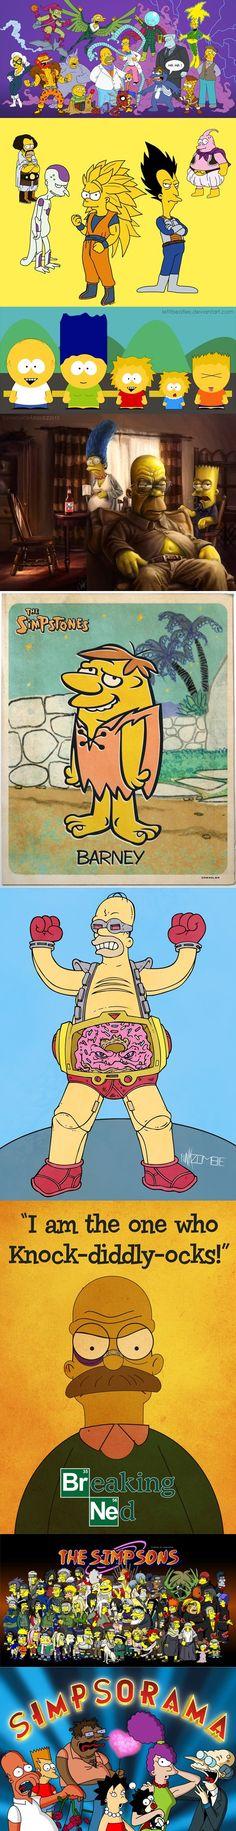 Simpsons parodie